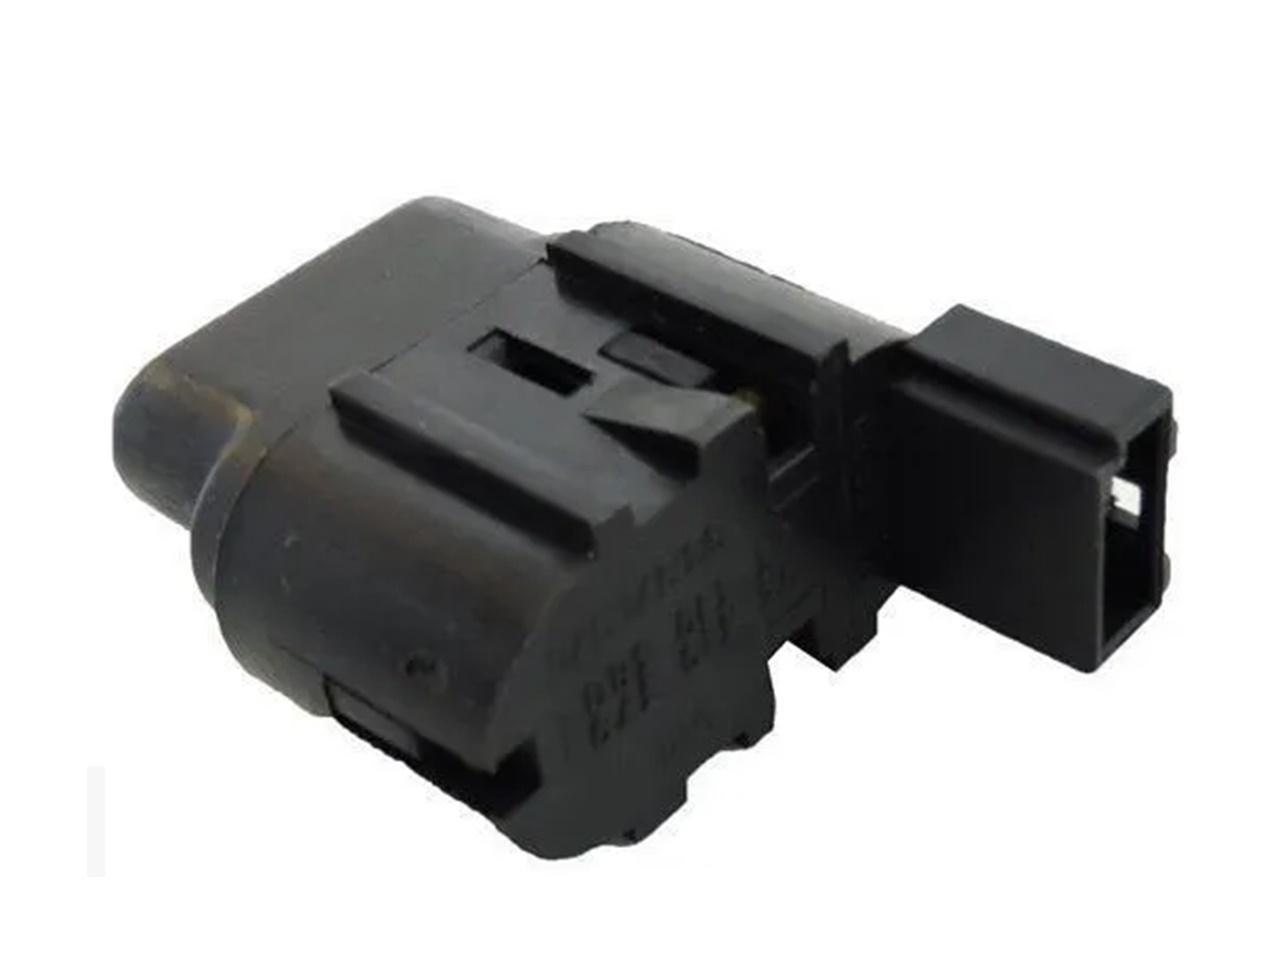 Botão do Painel Interruptor de Farol de Milha 4 Pinos 94744061 93319380 Gm Celta Prisma 07 08 09 010 011 012 013